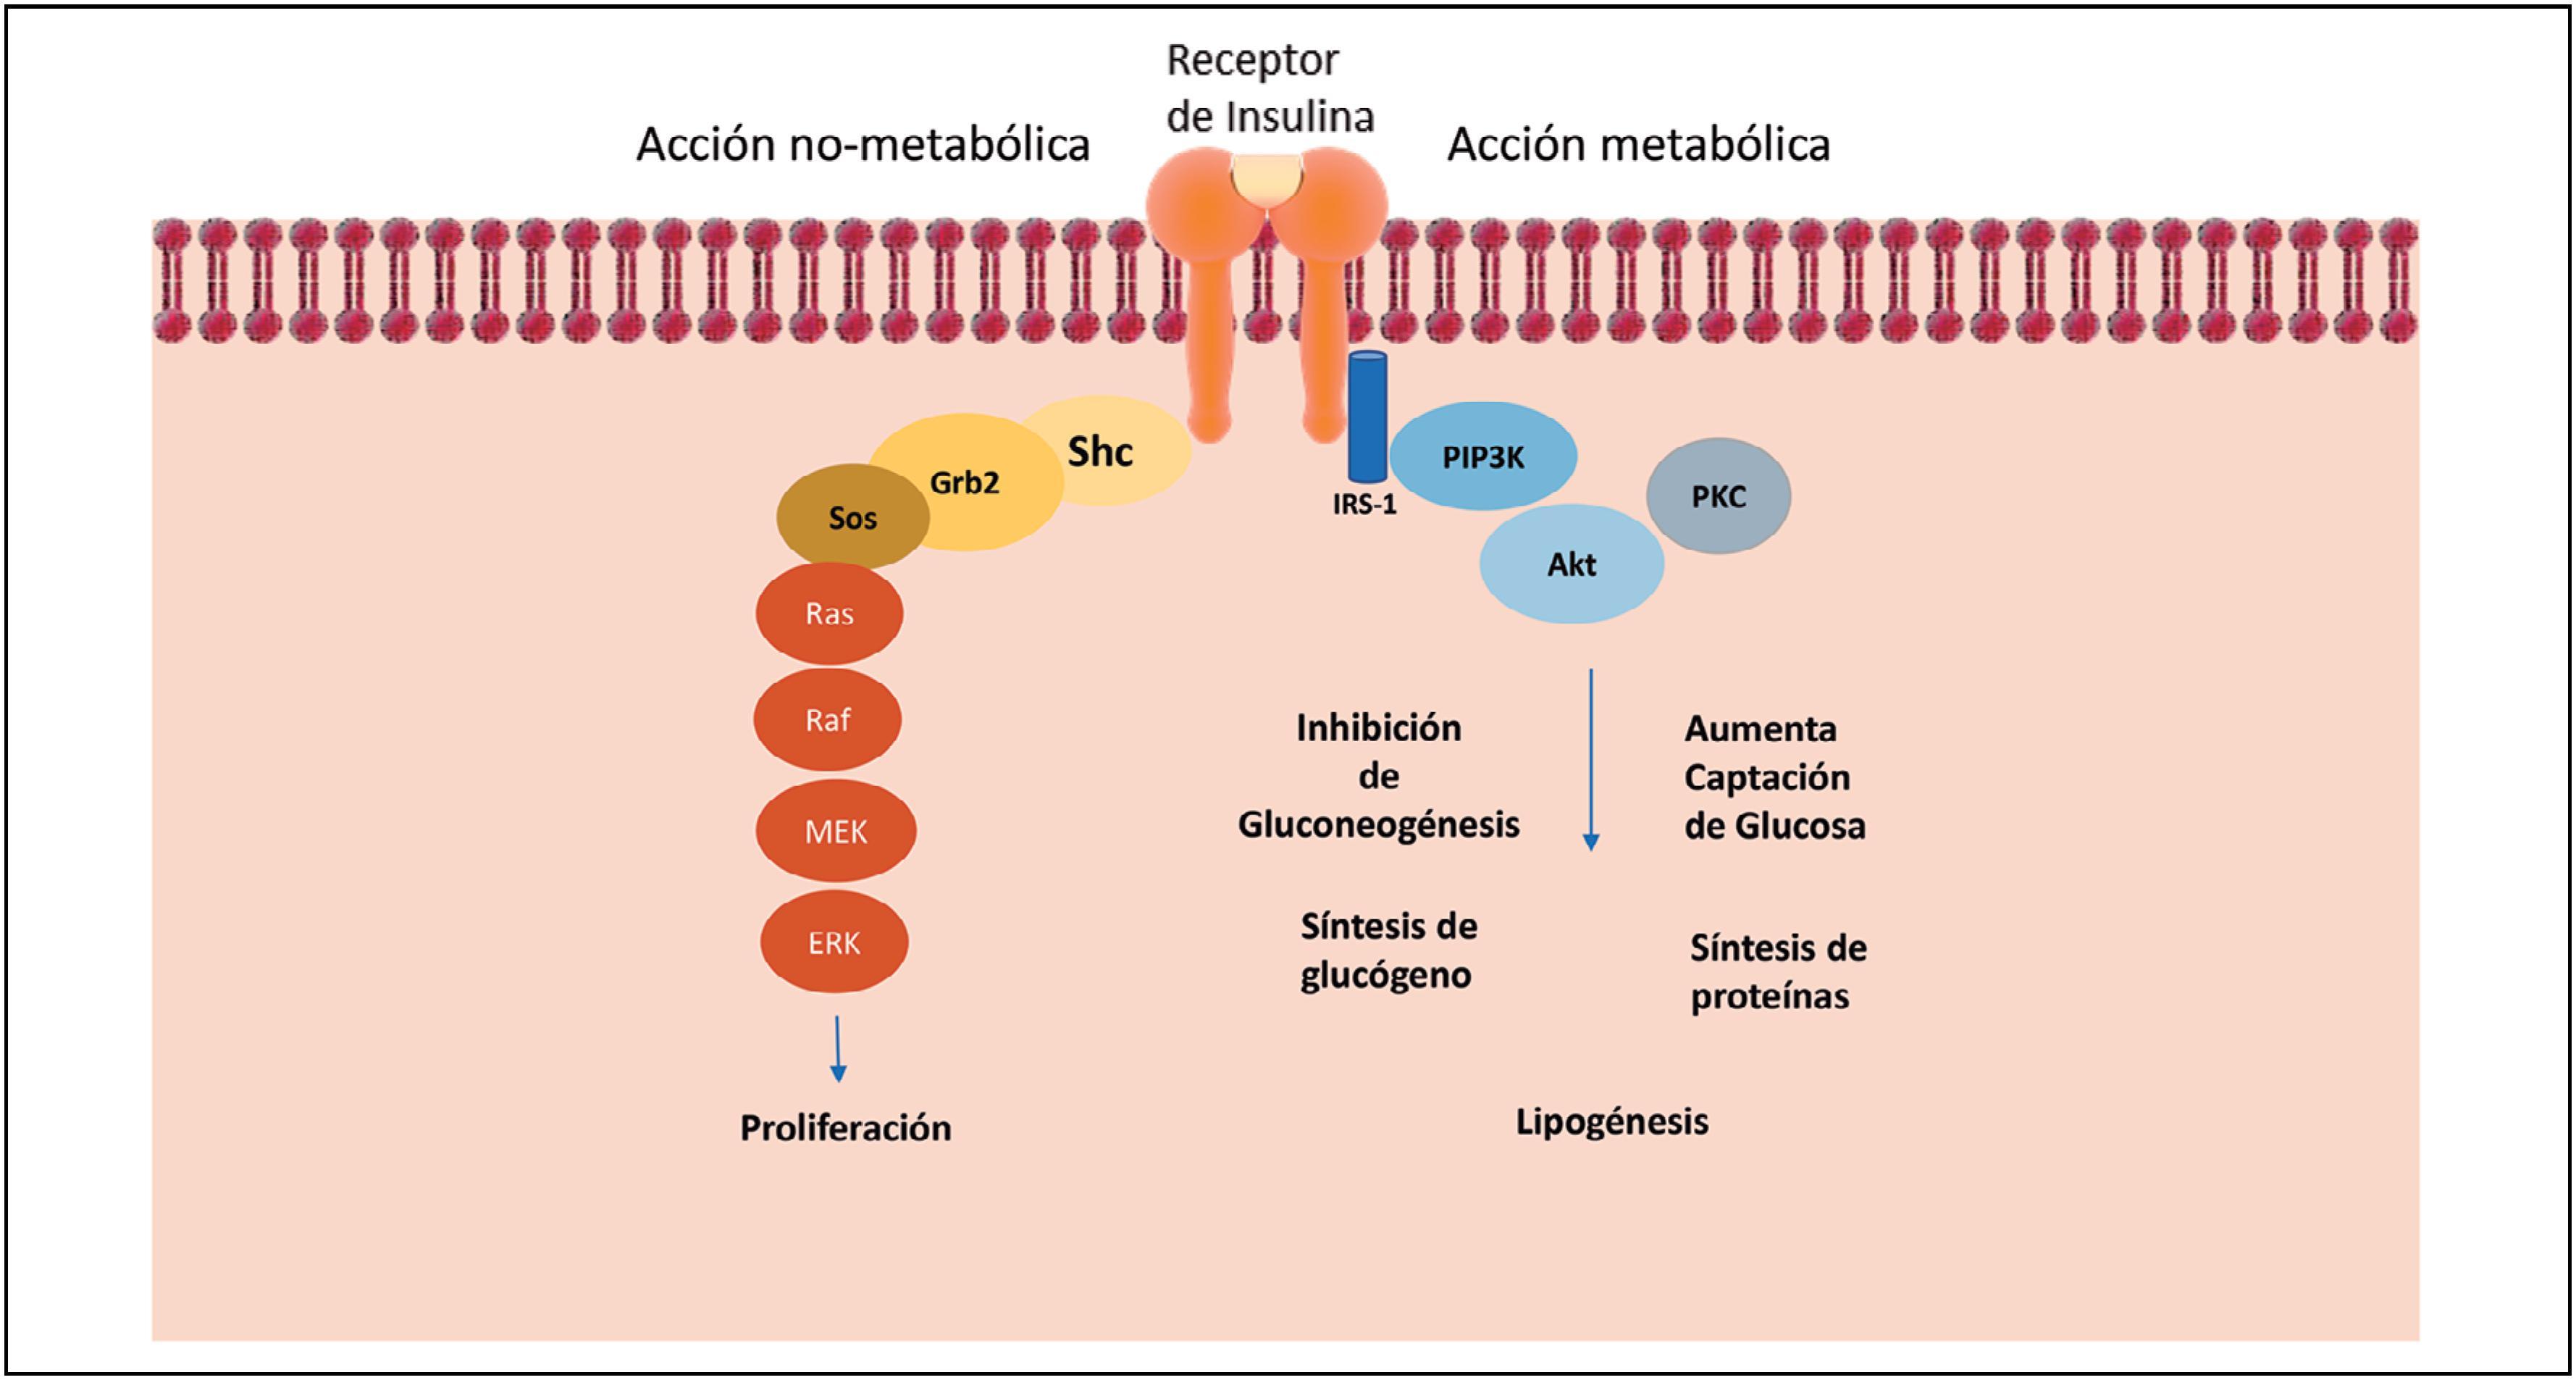 Sangre provoca glandula la de glucosa un que en aumento